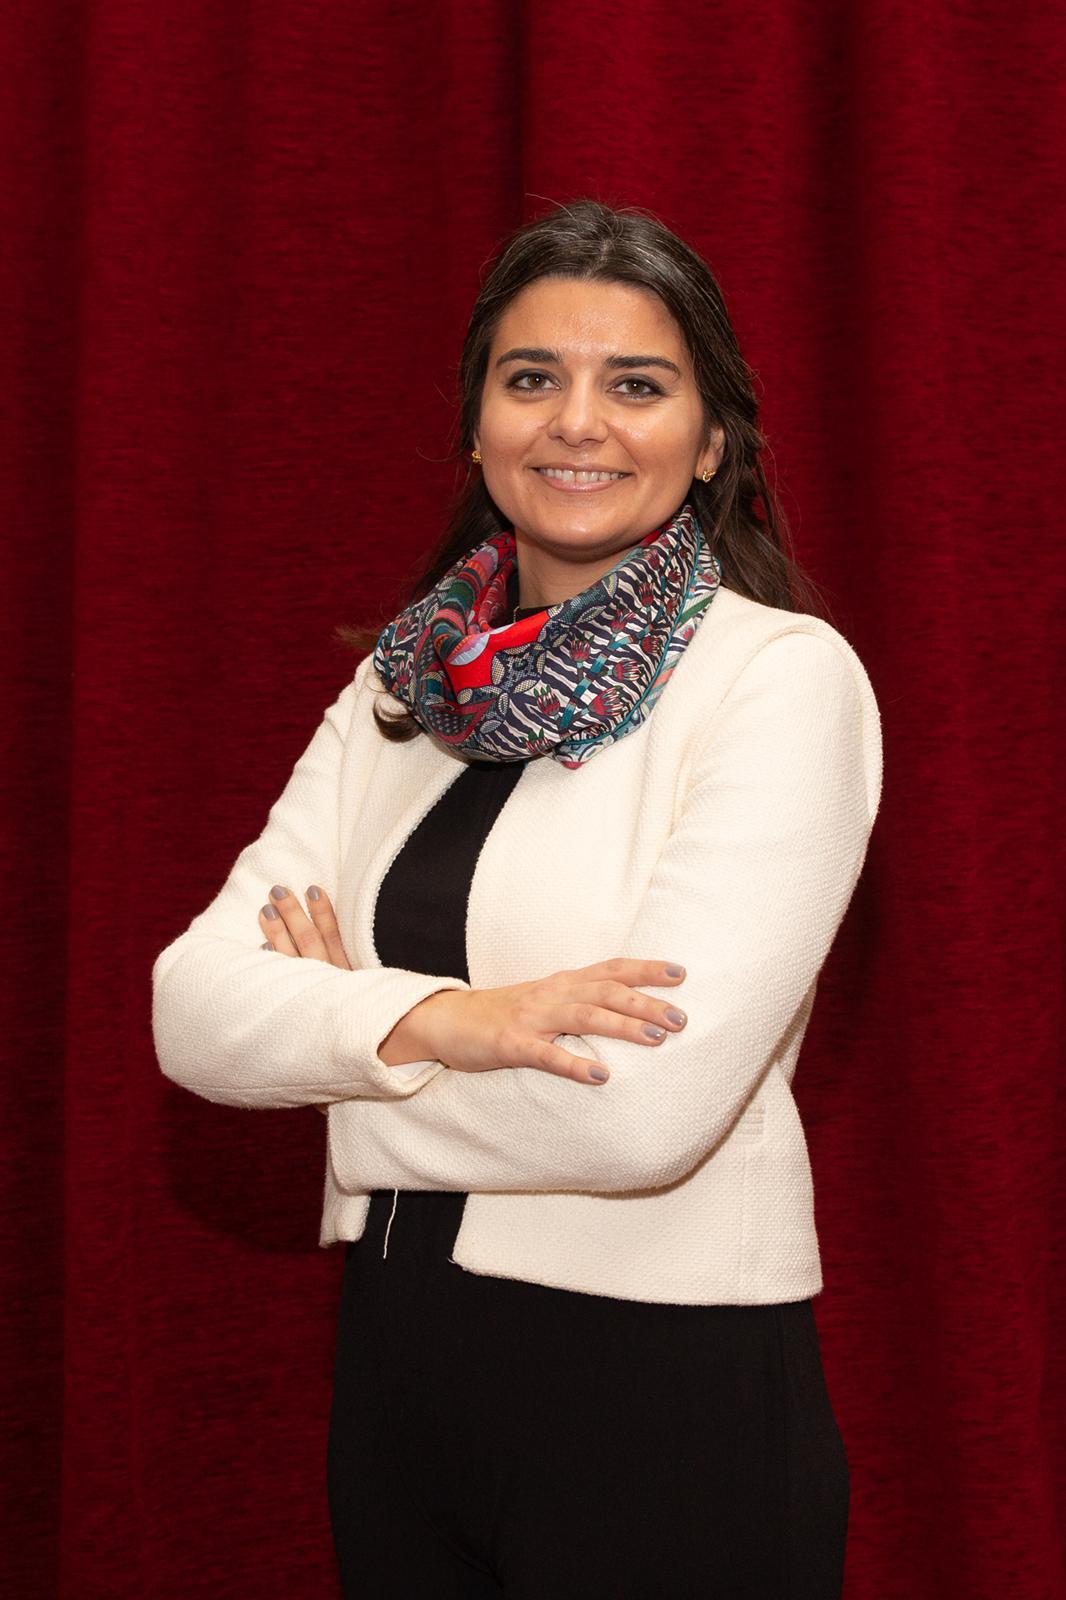 Raquel Maudslay Costa Carreira Cabaço